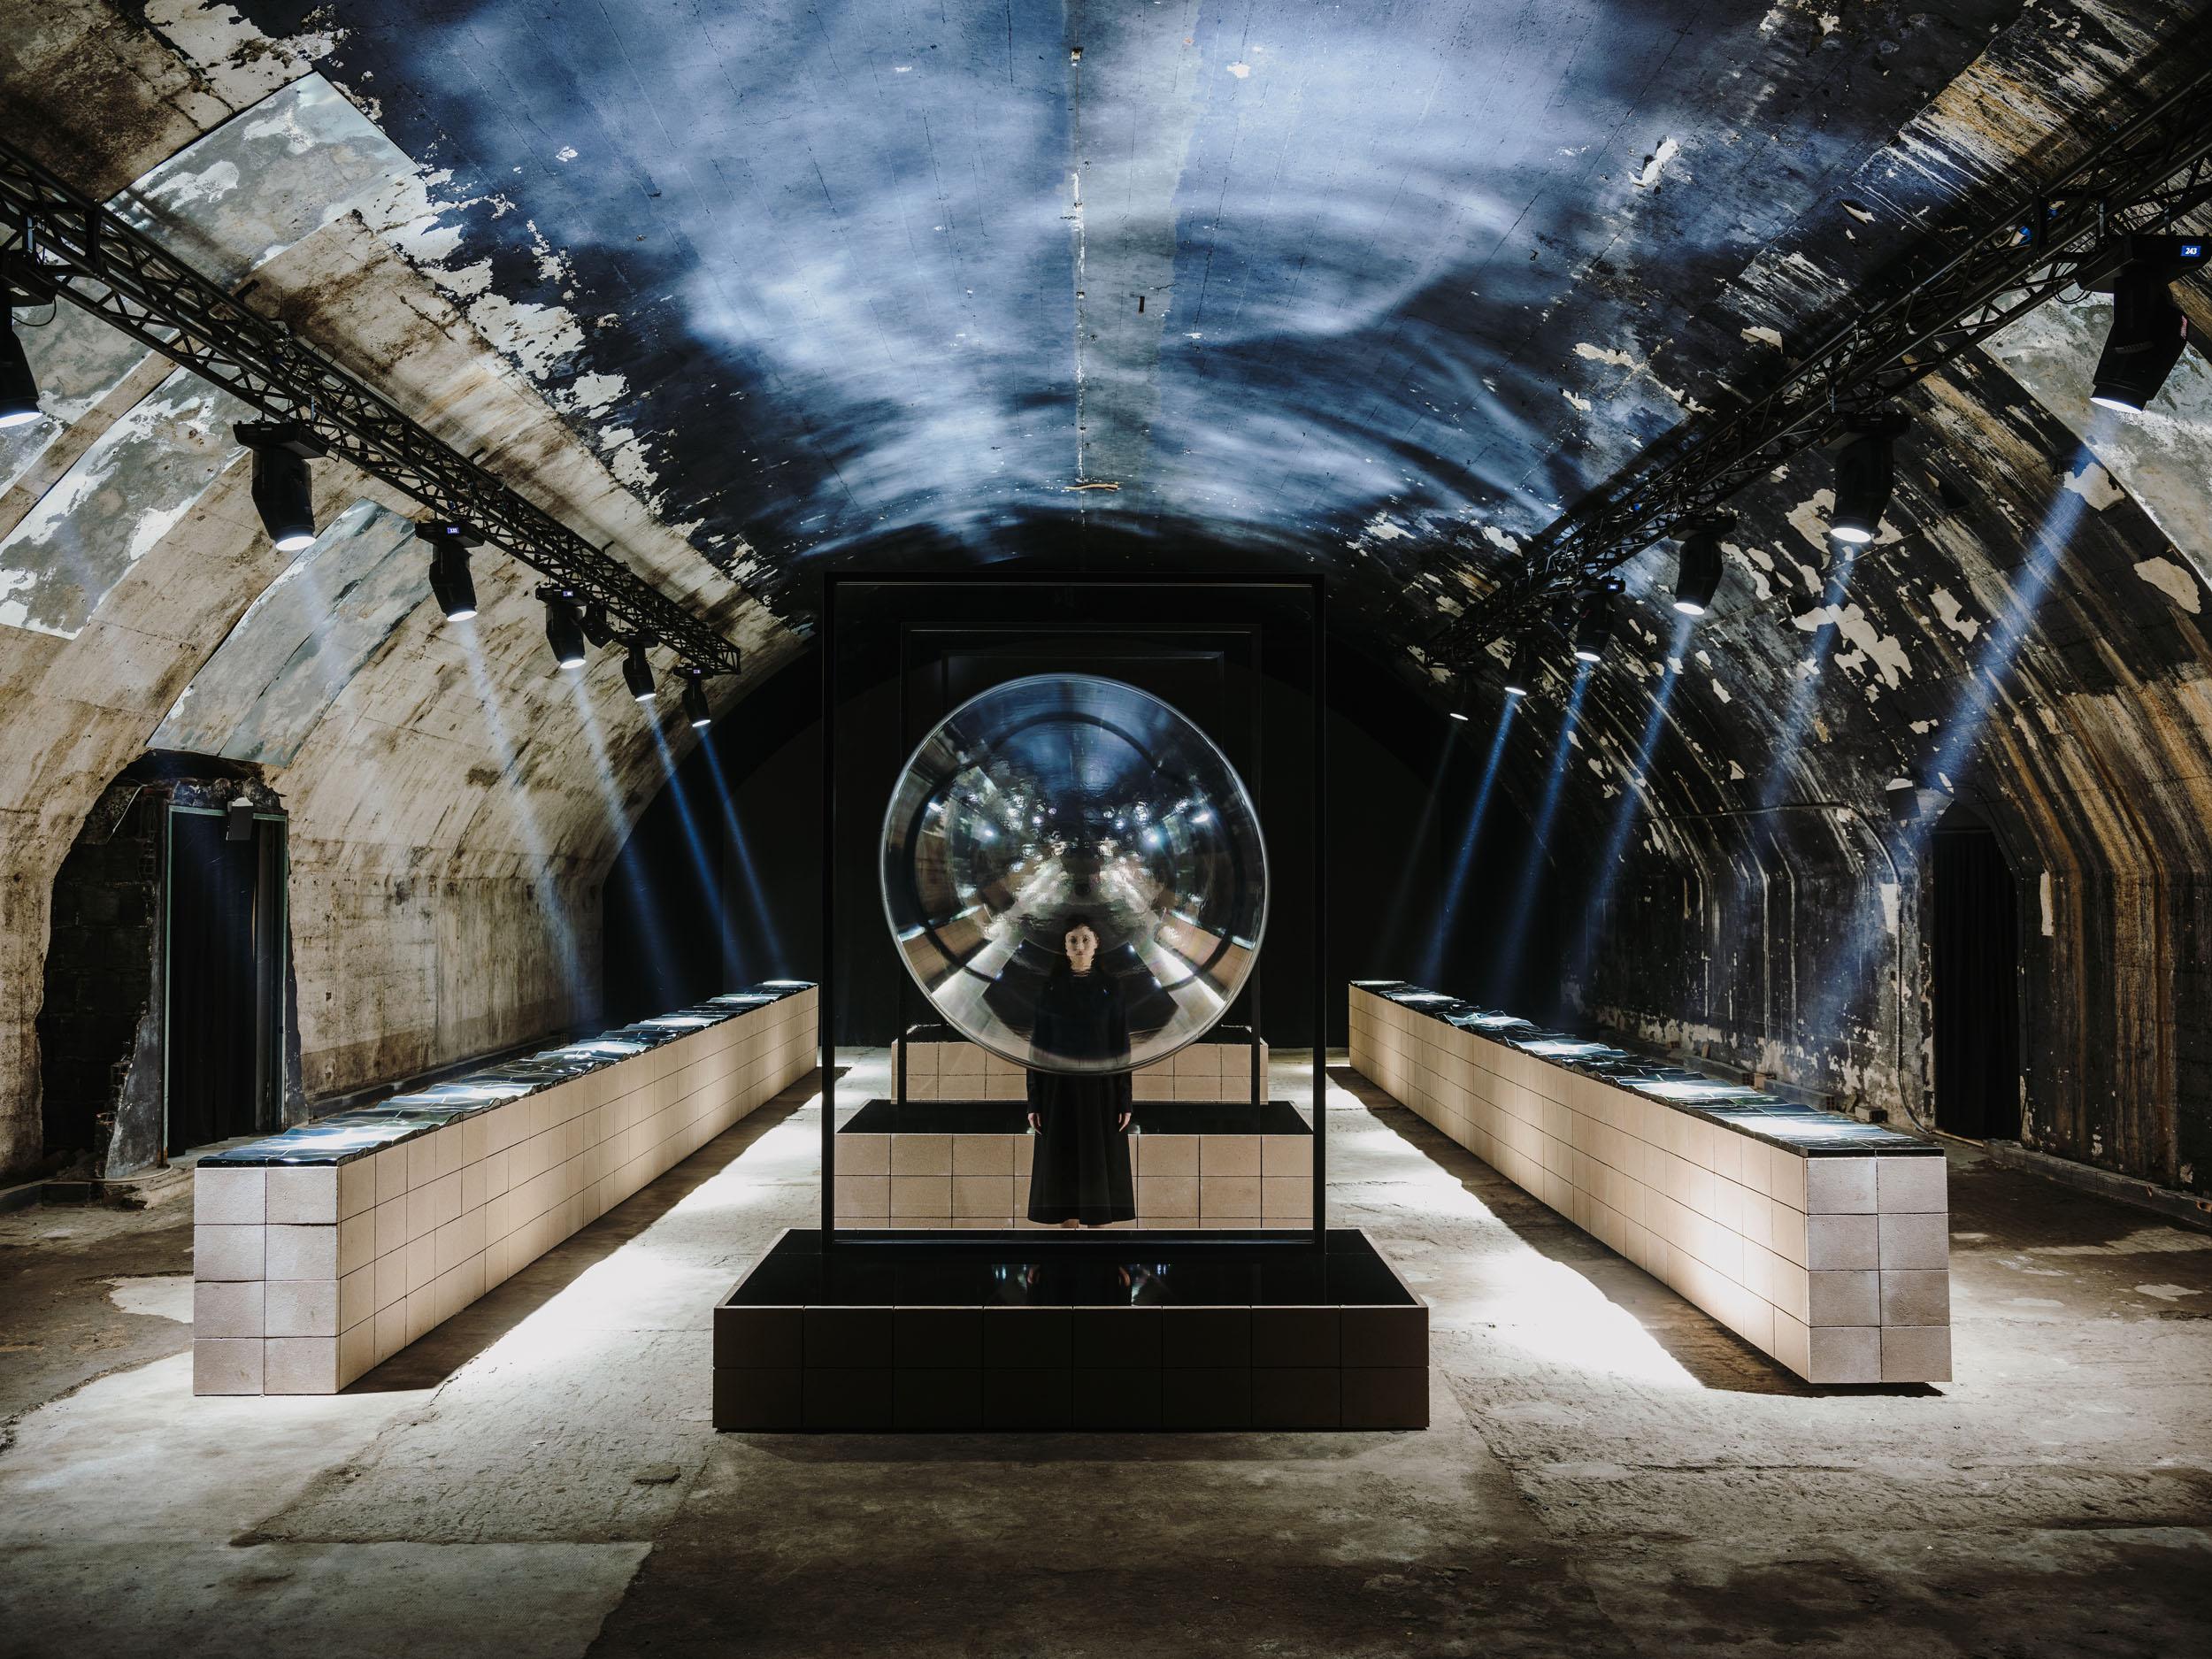 AGCは、毎年4月にイタリア・ミラノで開催される世界最大規模のデザインの祭典「ミラノデザインウィーク」に今年も出展します。